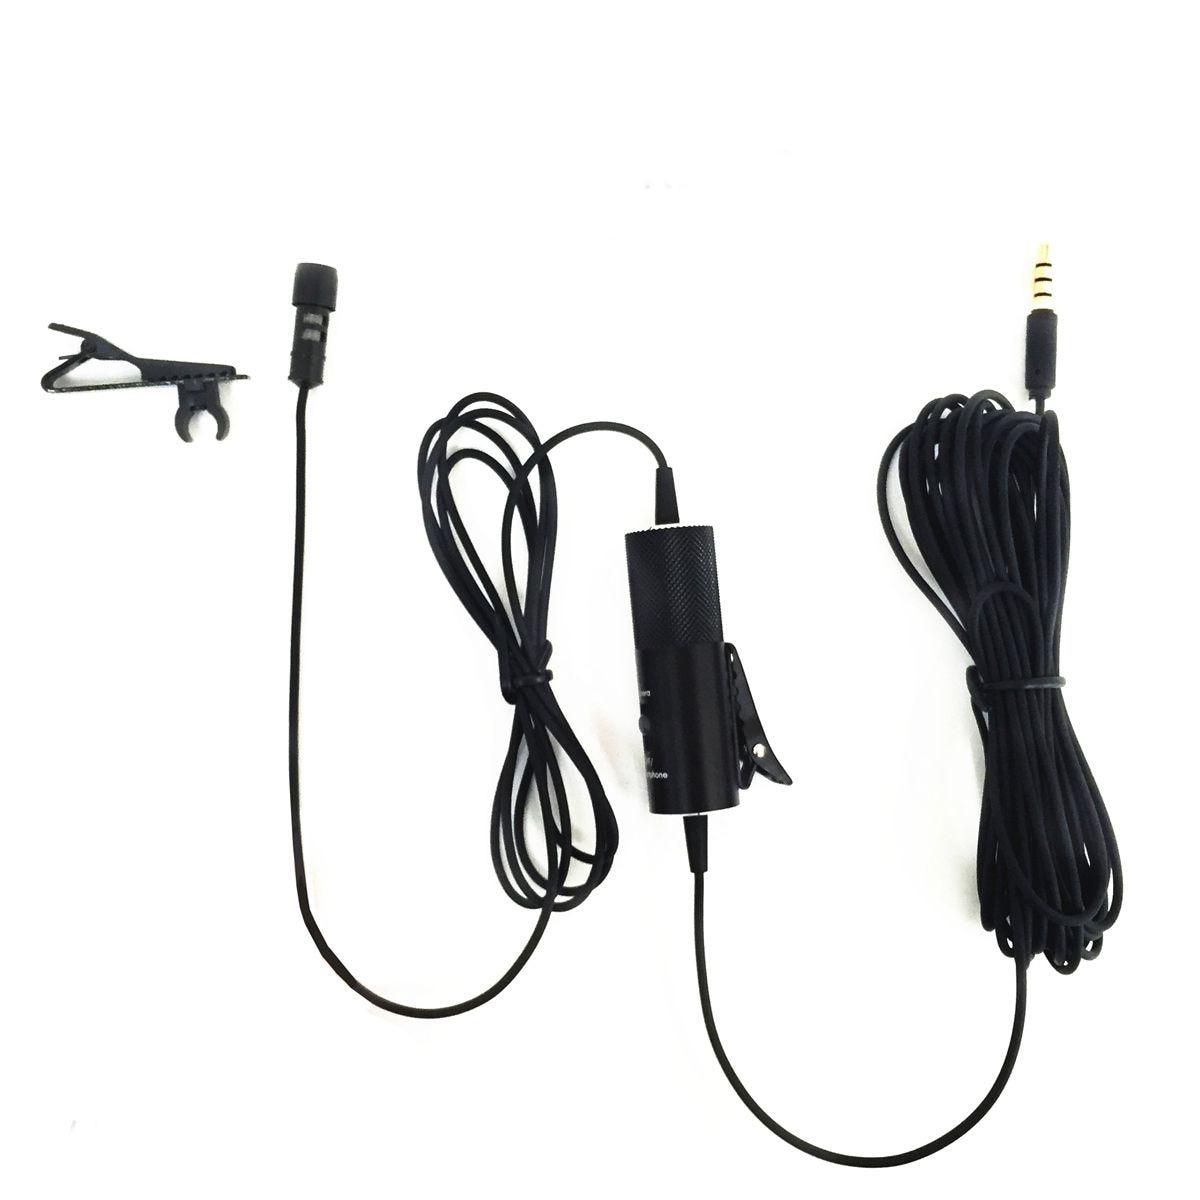 CHAUDE-Yanmai R933S Cravate Microphone Clip-sur Revers Micro À Condensateur pour Enregistrement Interview Caméra Smartphone Vidéo Conférence Bl